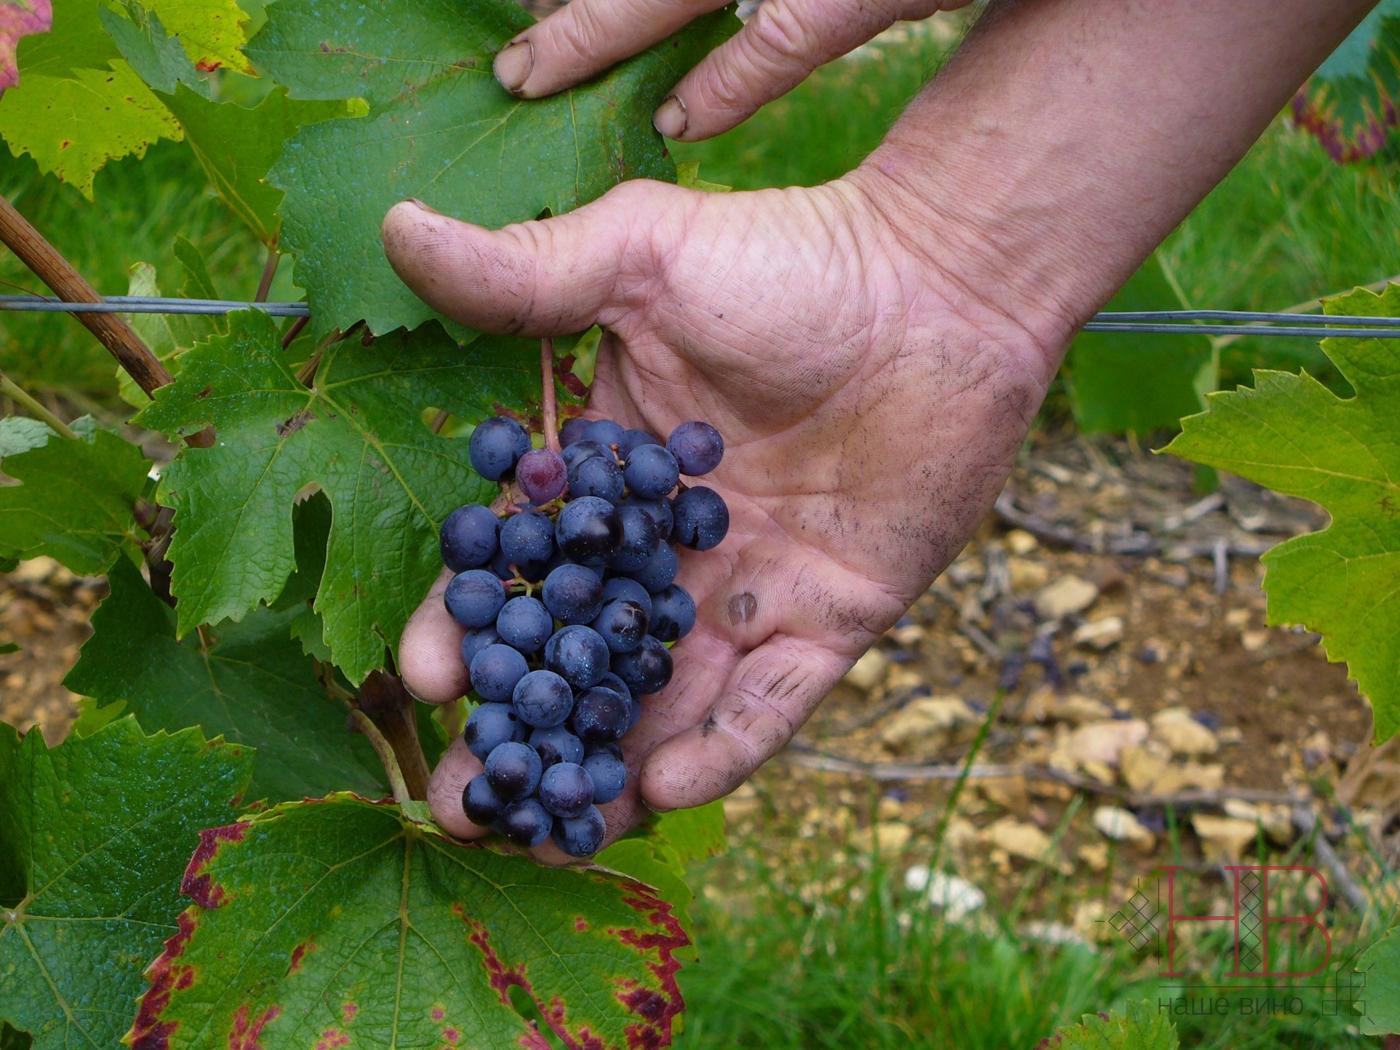 Рис. 1 Маленькая гроздь технического винограда